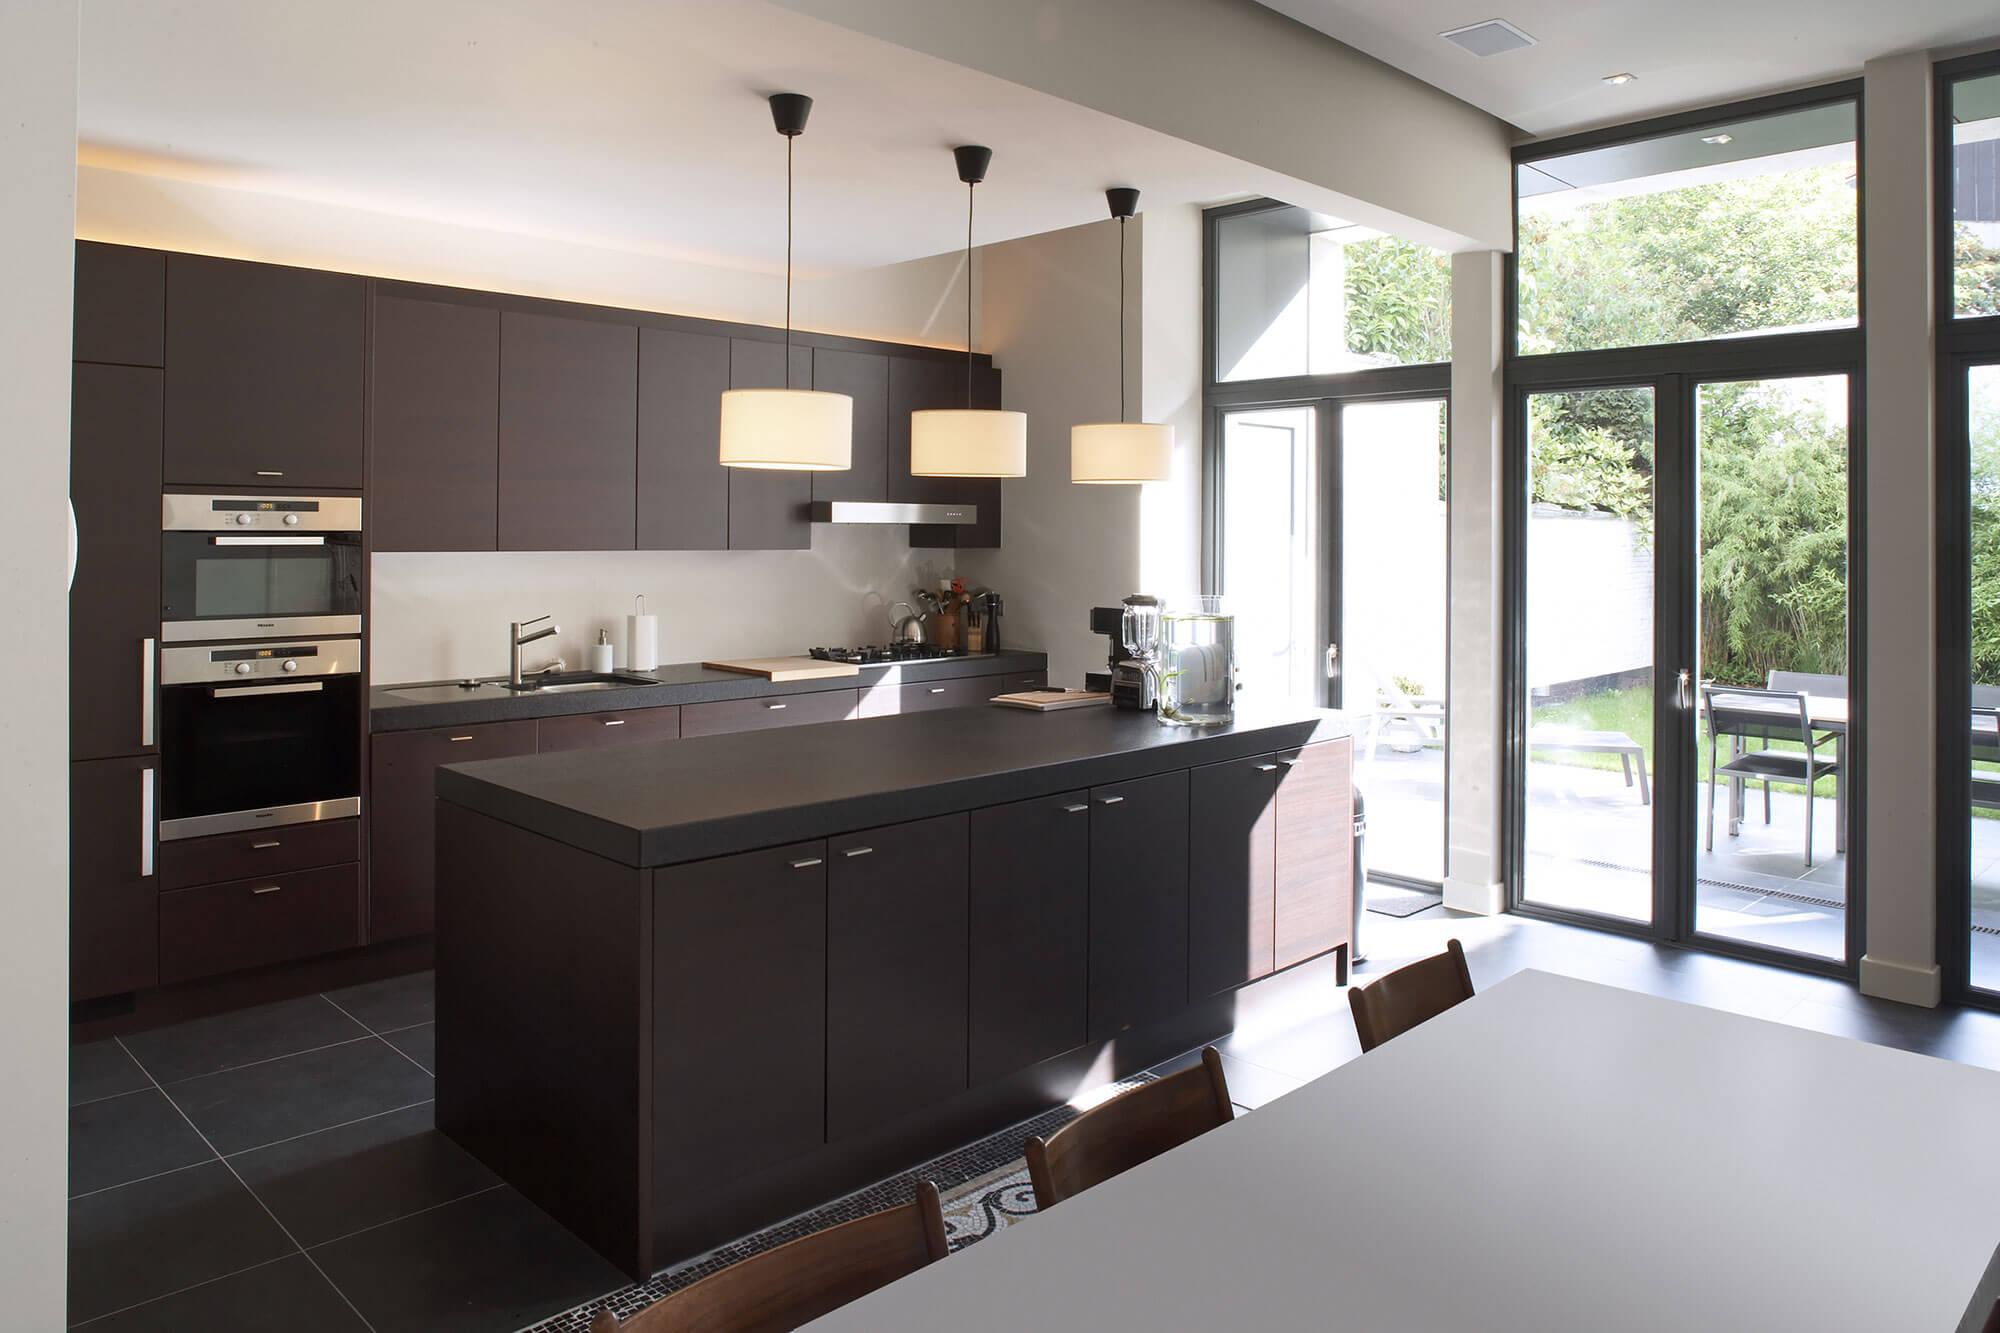 De volledig gerenoveerde keuken werd voorzien van donkere ingebouwde kasten, een ruim kookoppervlak en grote ramen voor een natuurlijk belichte leefomgeving.